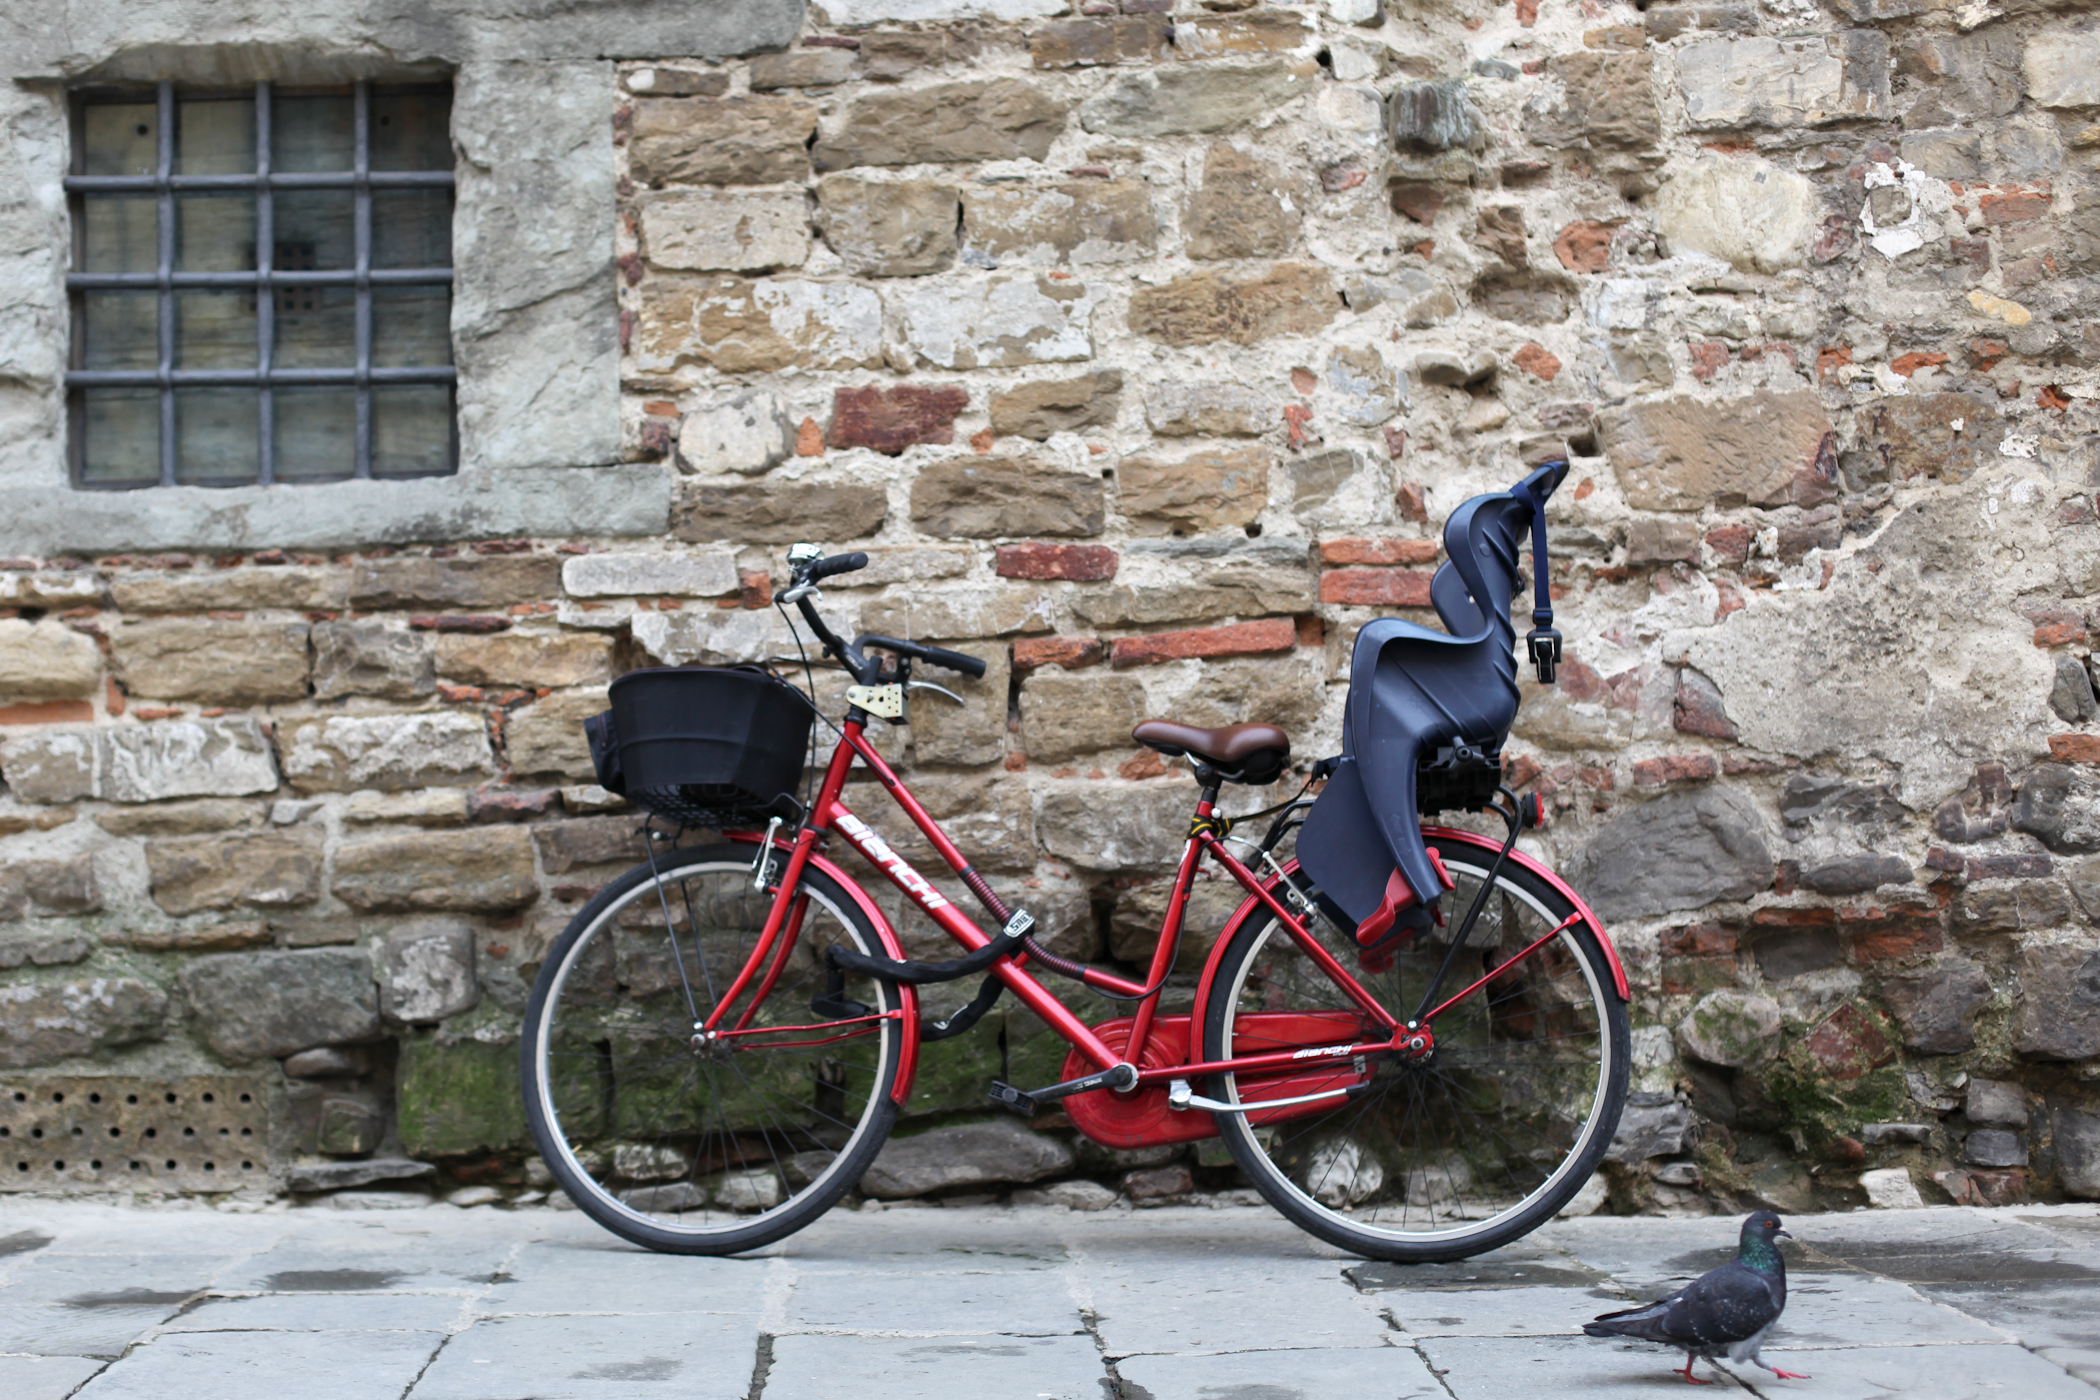 palermo bicicletti di firenze jan15-40.jpg